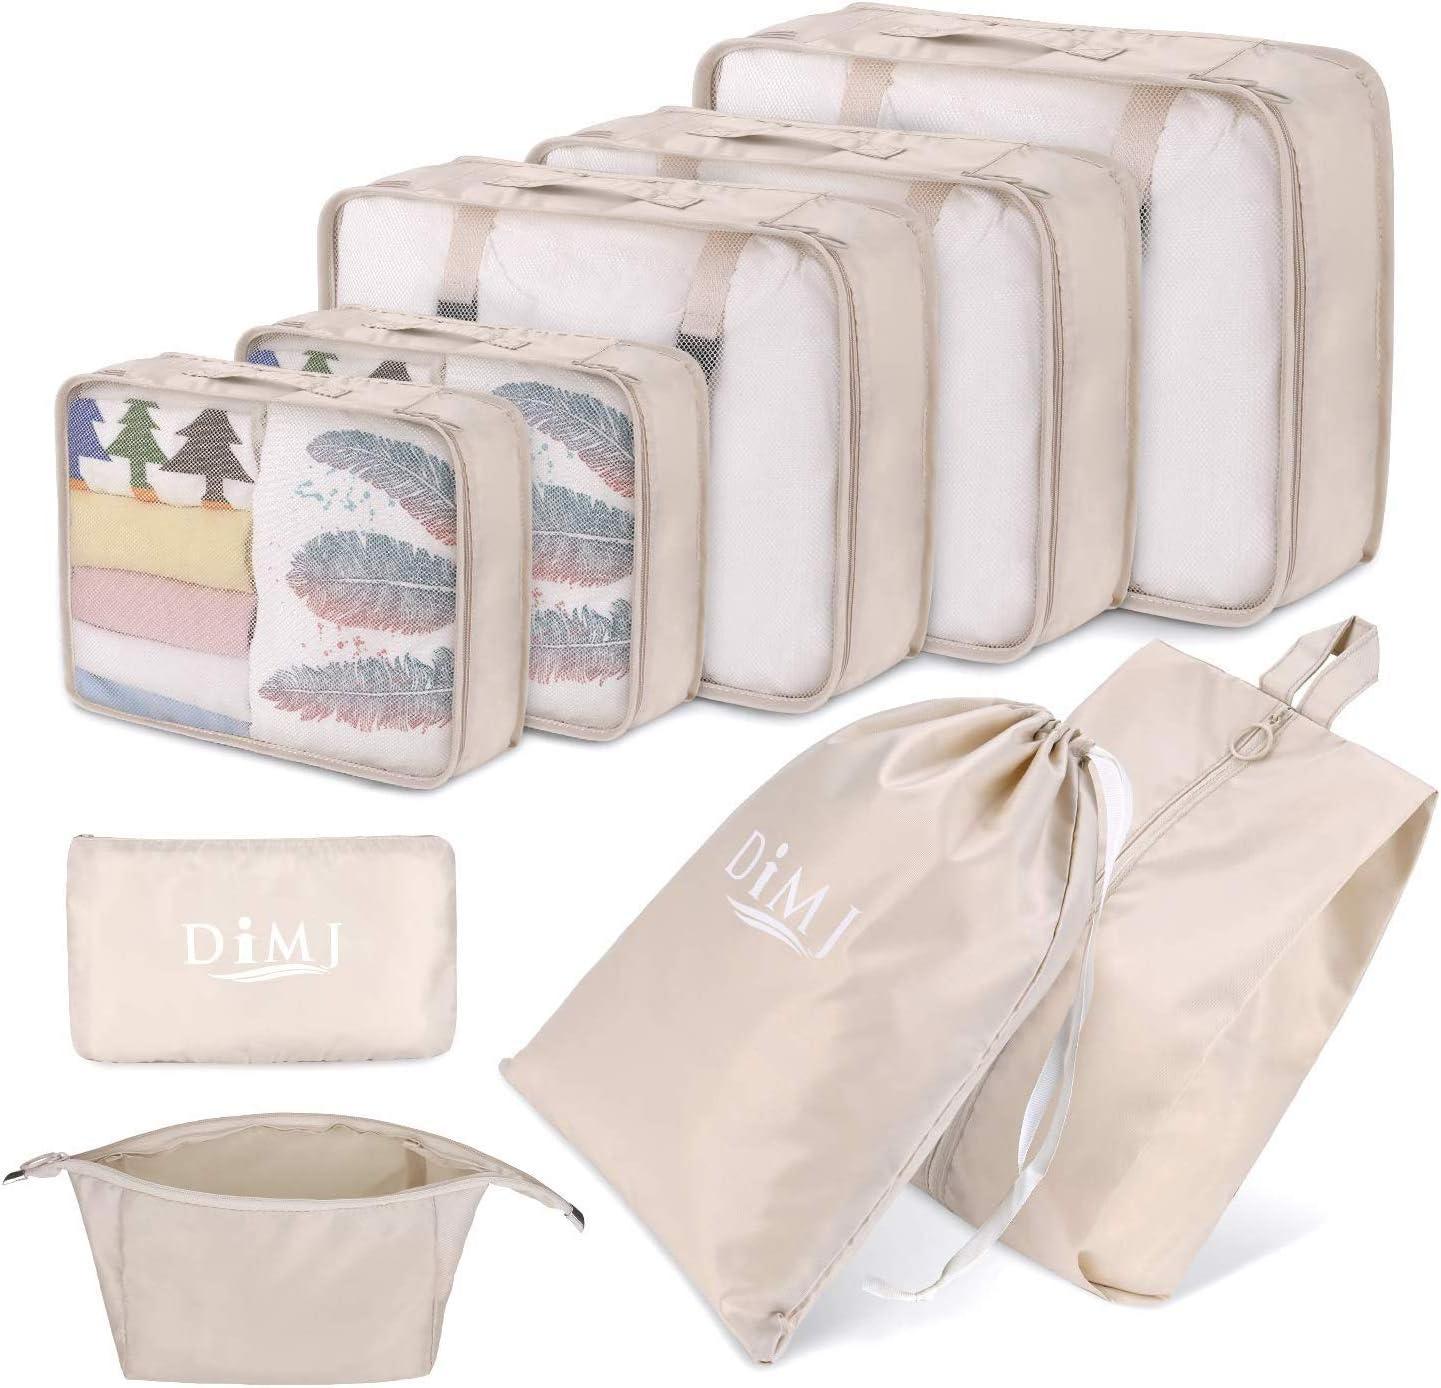 DIMJ Lot de 9 Organisateurs de Bagage Voyage Imperméable Organisateurs de Valise Grand Sac de Rangement Valise pour Les Vêtements, Chaussures,